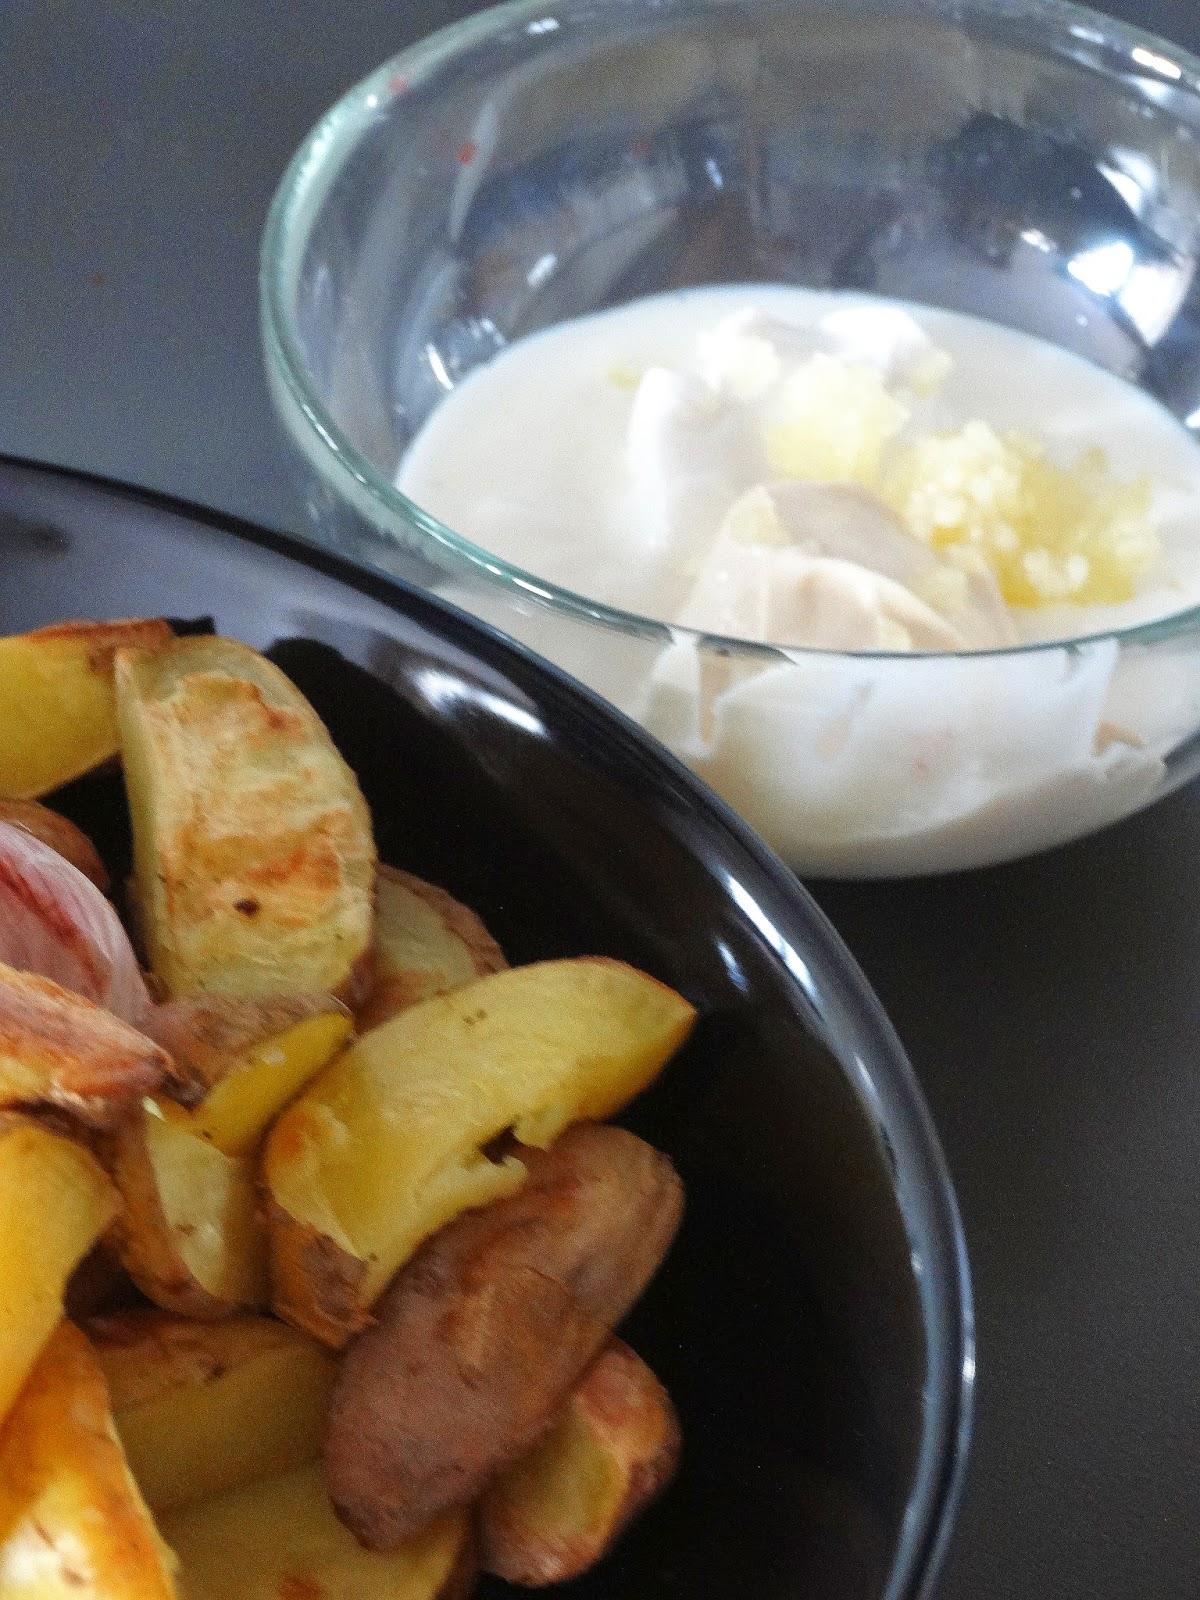 ziemniaki, czosnek, sos czosnkowy, jogurt, twarożek kozi